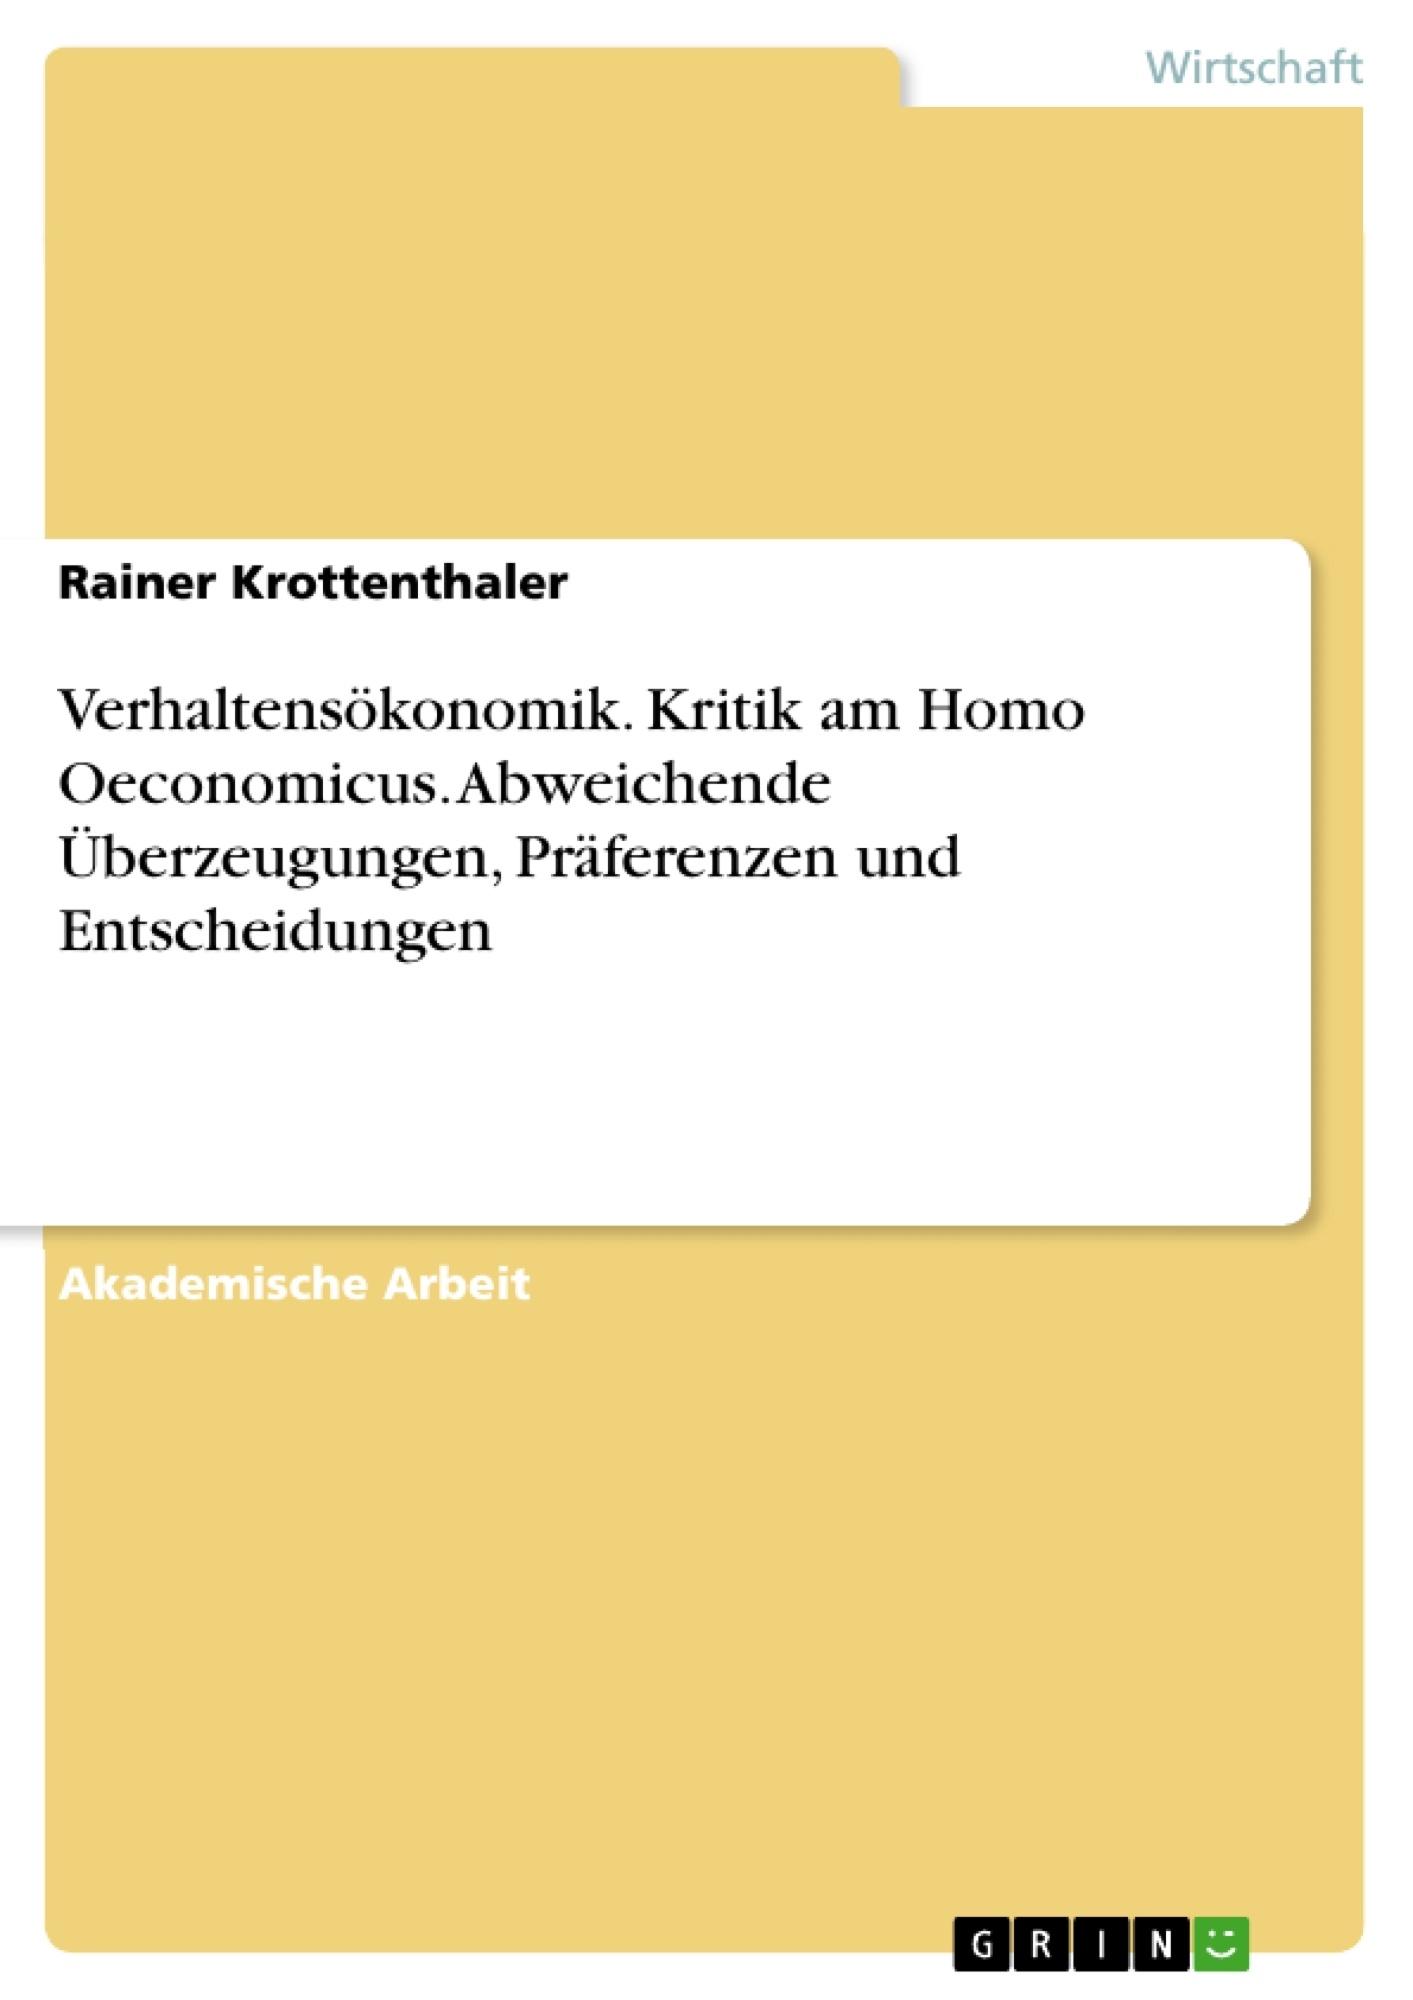 Titel: Verhaltensökonomik. Kritik am Homo Oeconomicus. Abweichende Überzeugungen, Präferenzen und Entscheidungen